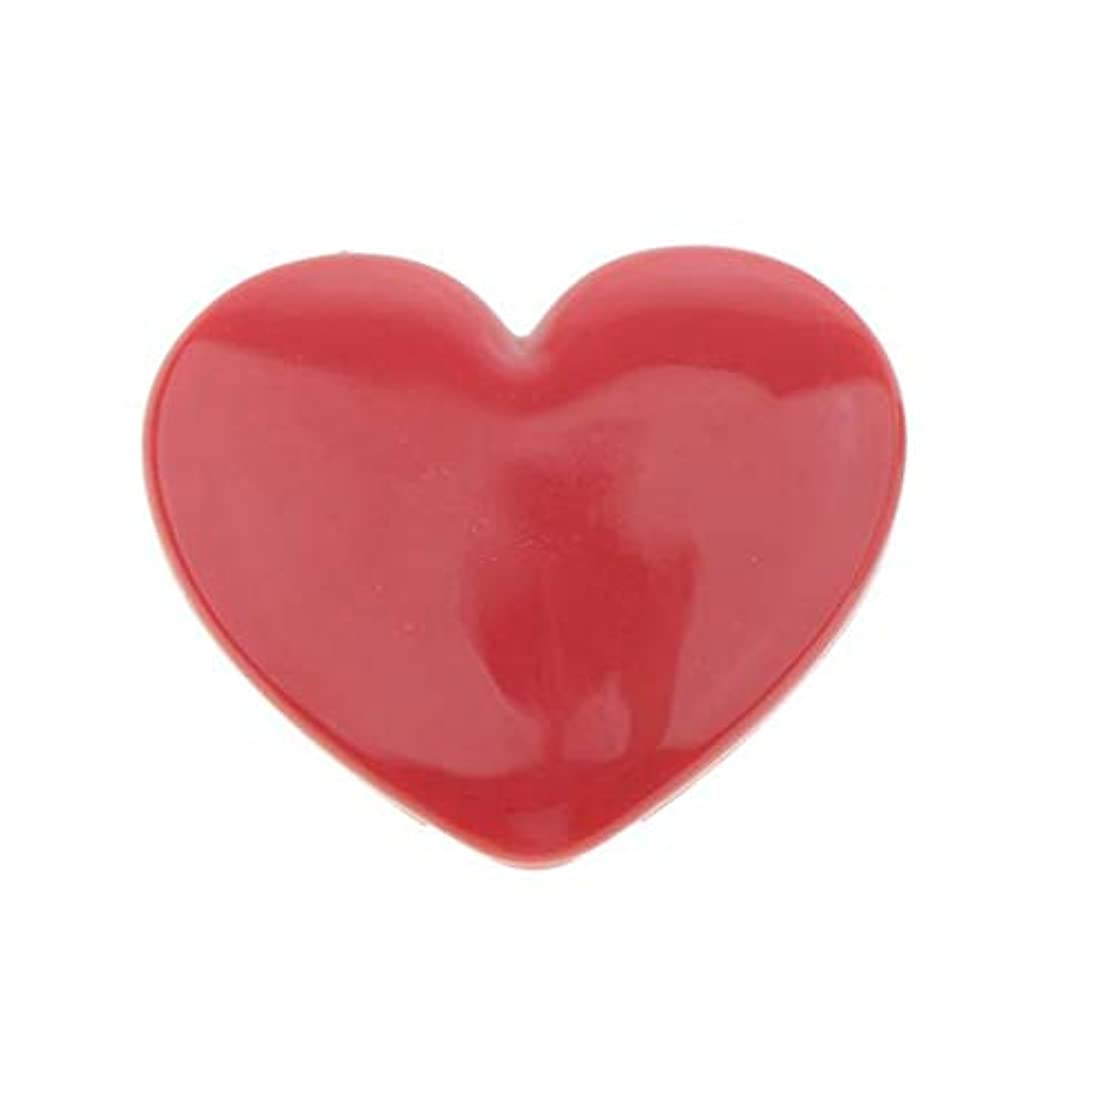 注釈シンプルなたるみPerfk コスメ 詰替え 収納ケース 口紅 アイシャドウ ハート型 手作り プレゼント おしゃれ 全4色 - ローズ